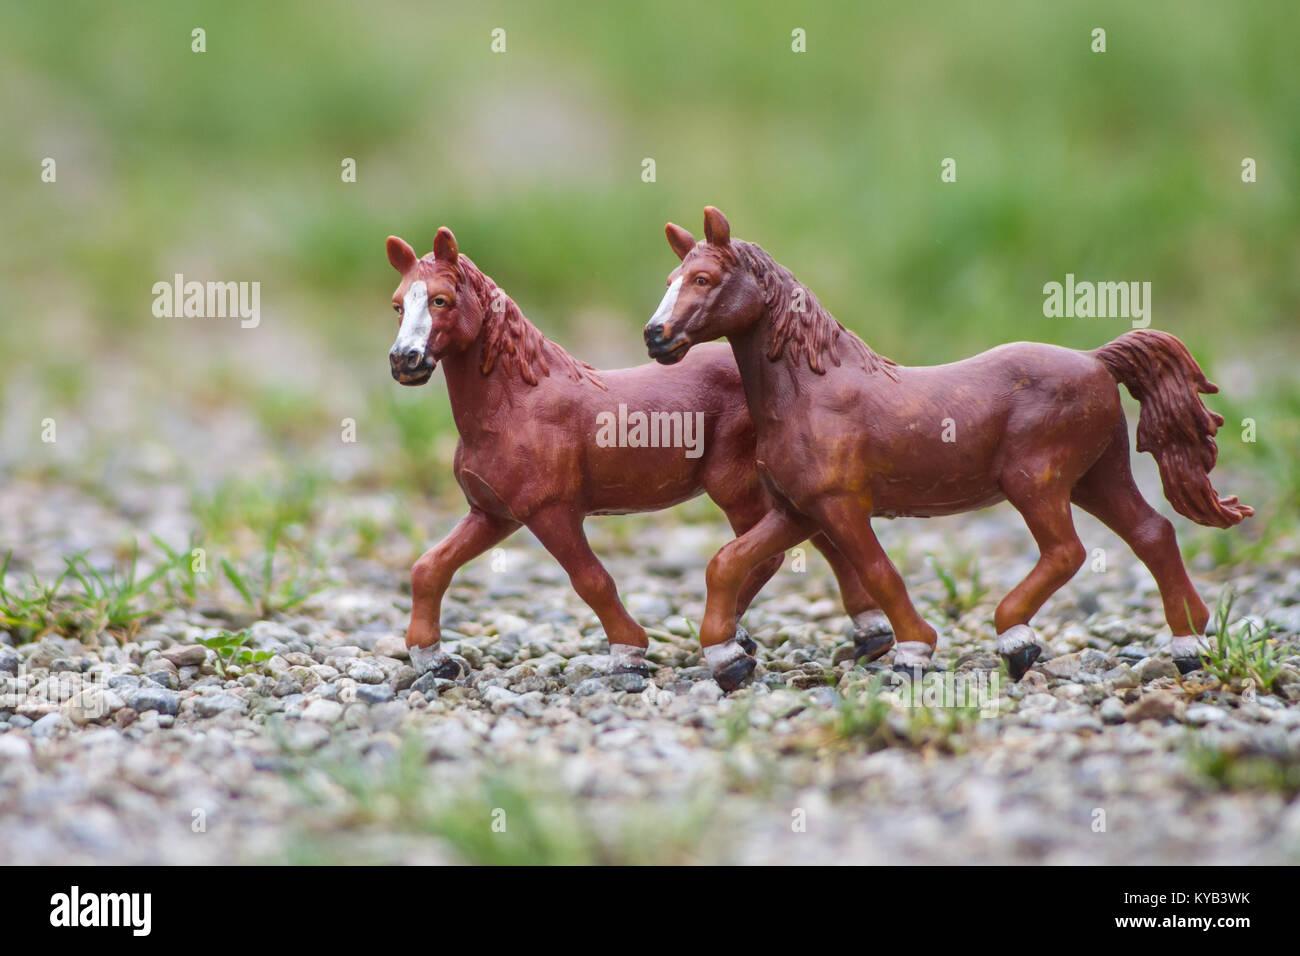 kinderspielzeug, schleich modell pferde stockfoto, bild: 171733567